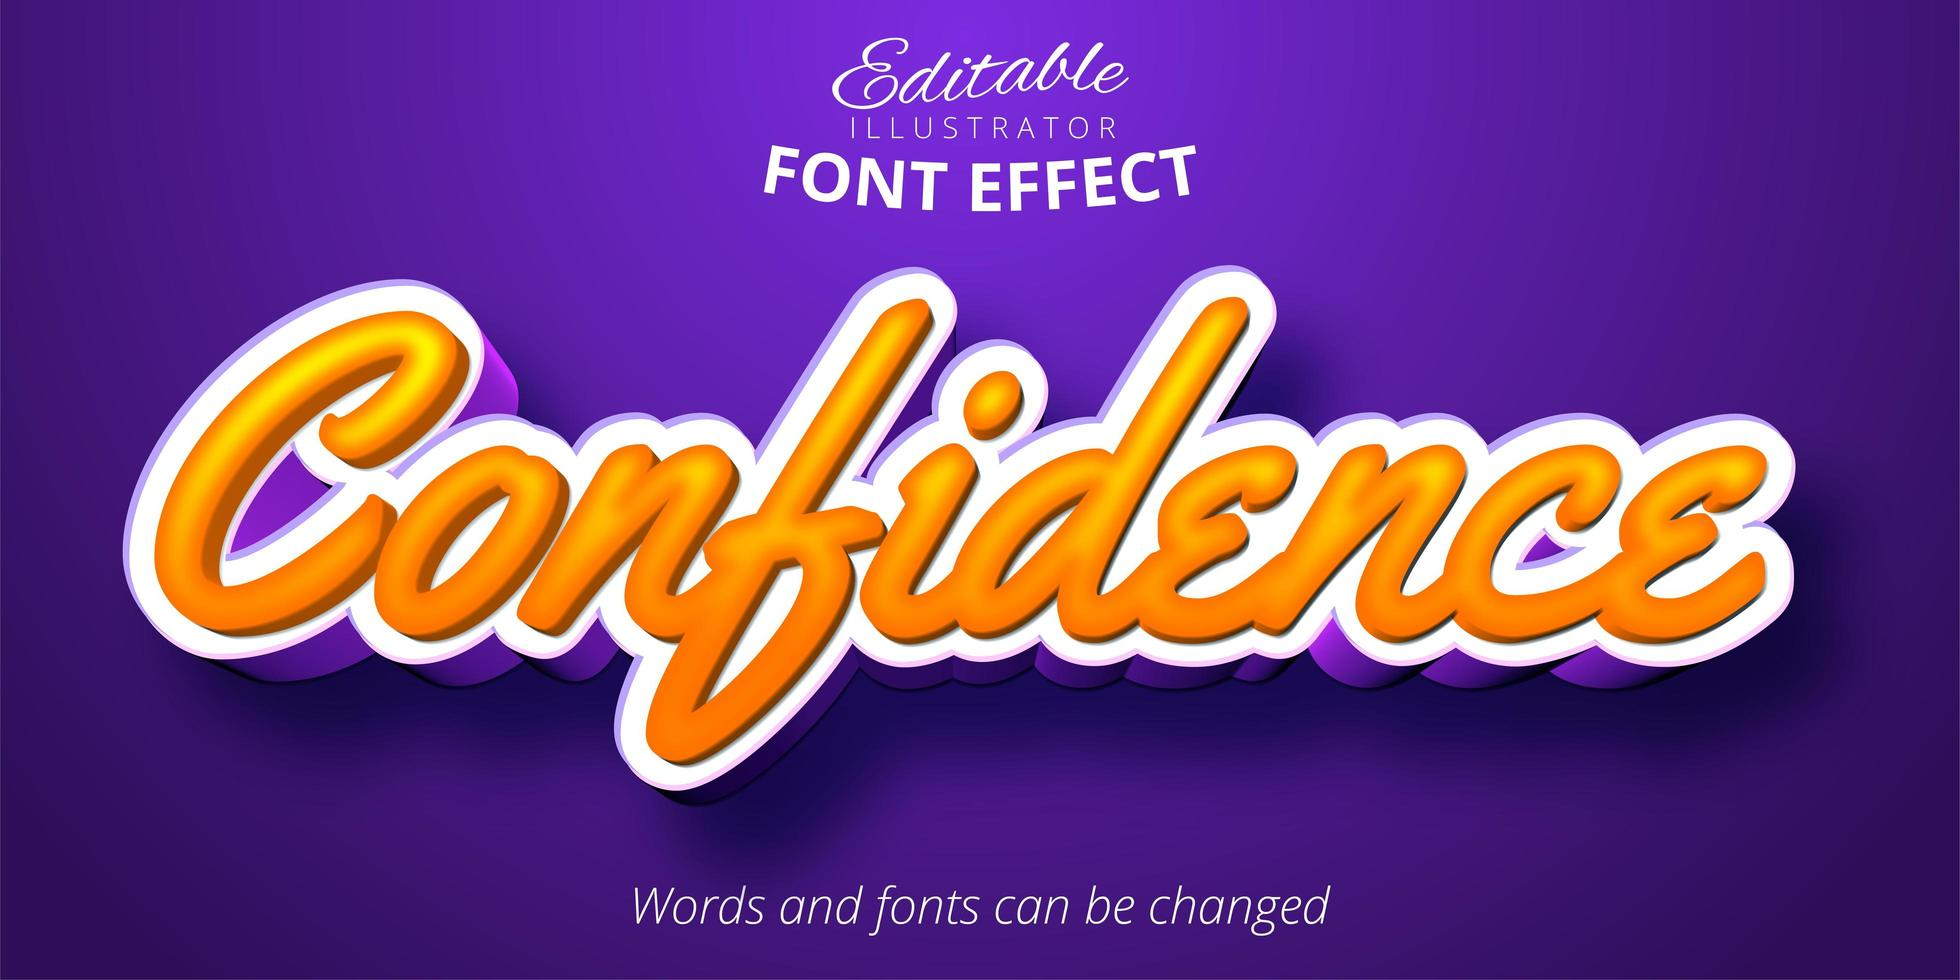 kalligrafisk stil, redigerbar texteffekt vektor